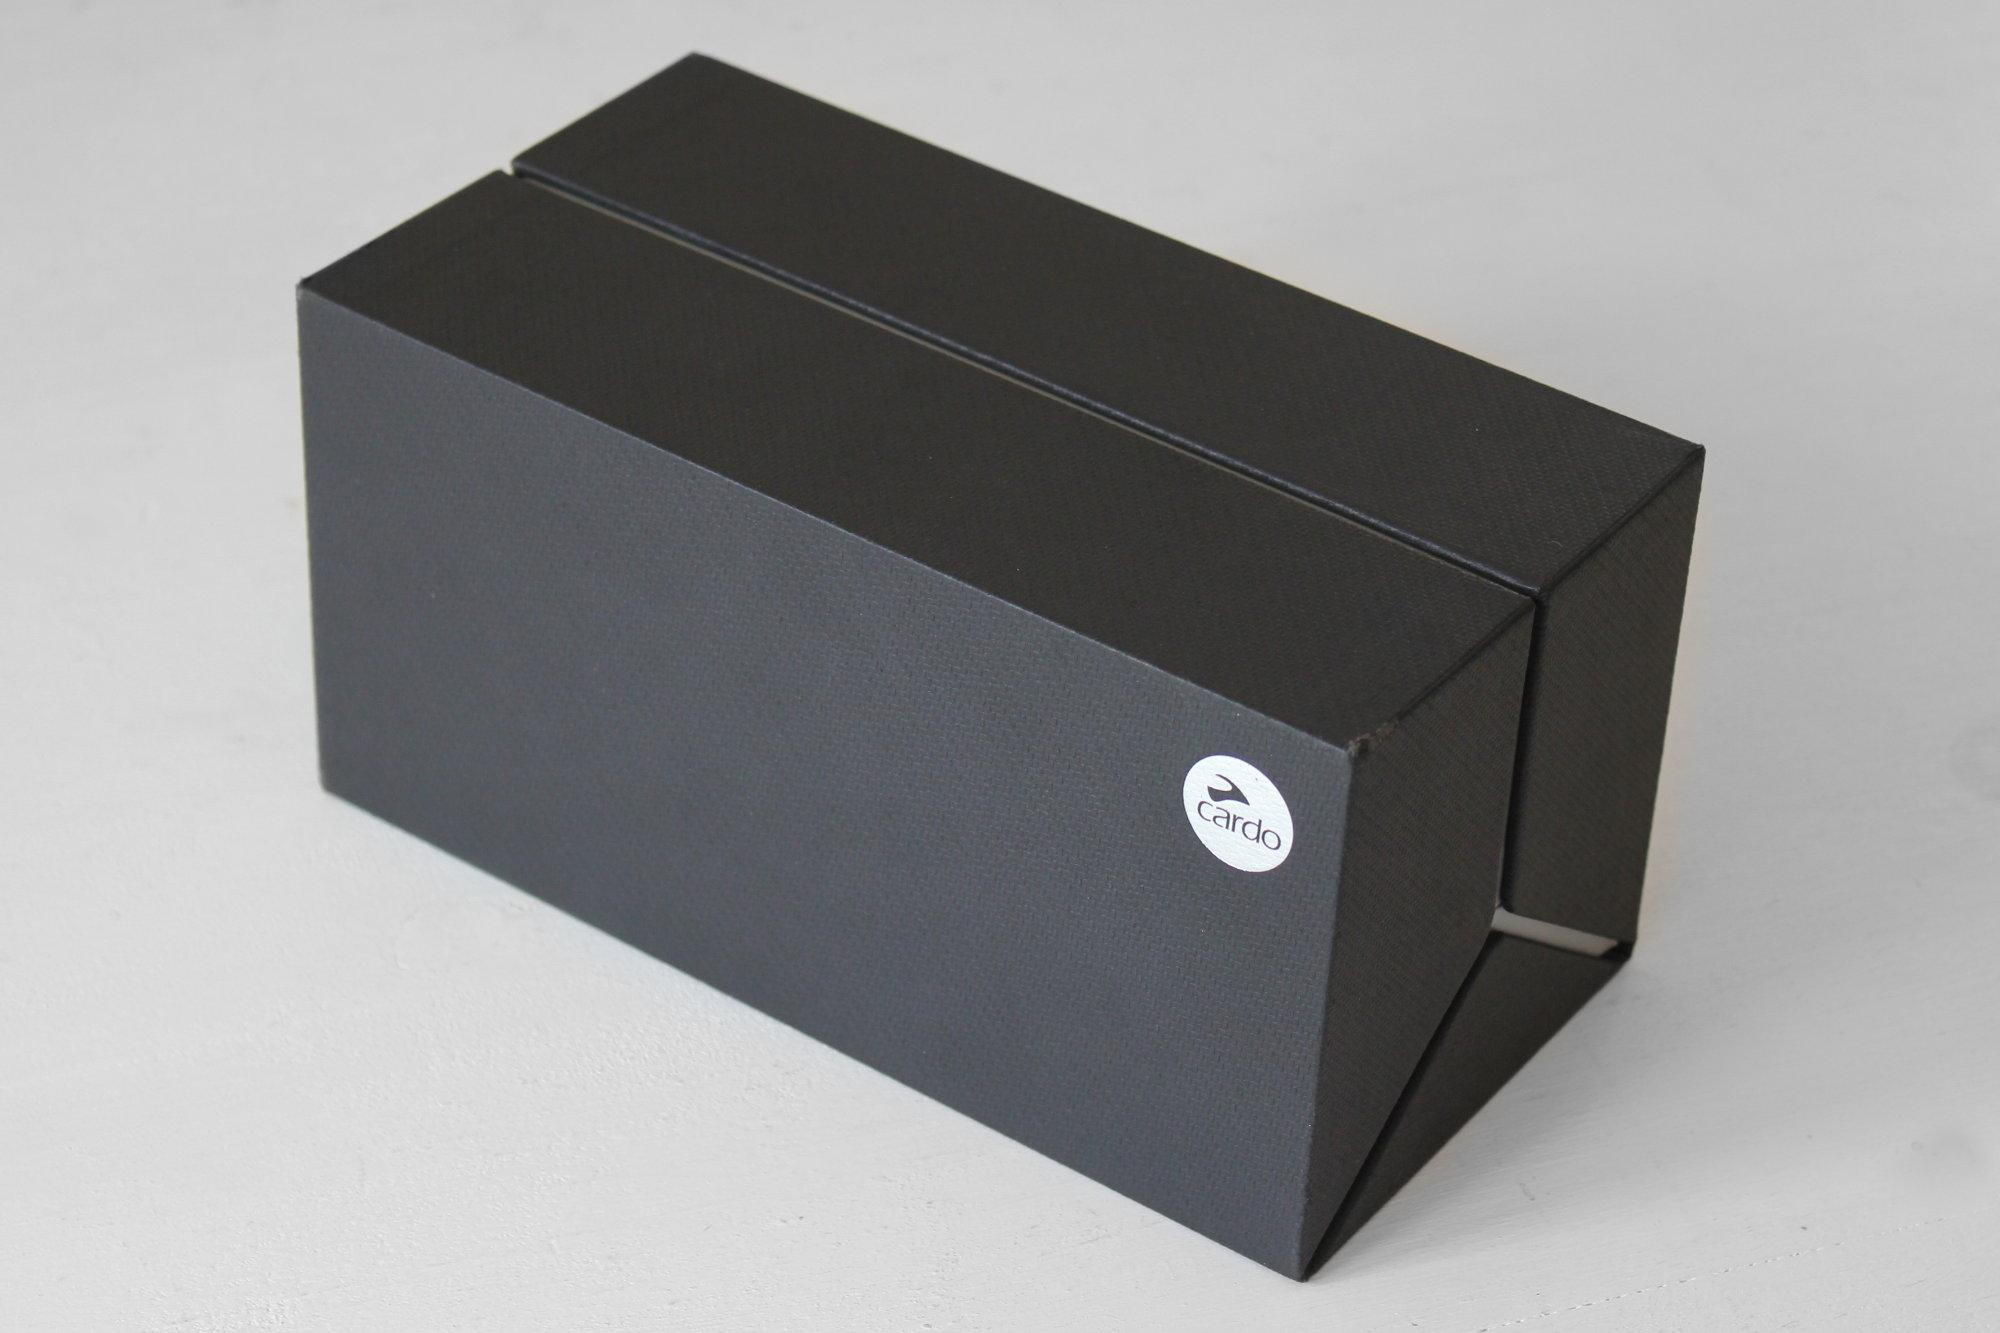 El elegante estuche que contiene el kit de dos intercomunicadores Cardo Freecom 2 Duo